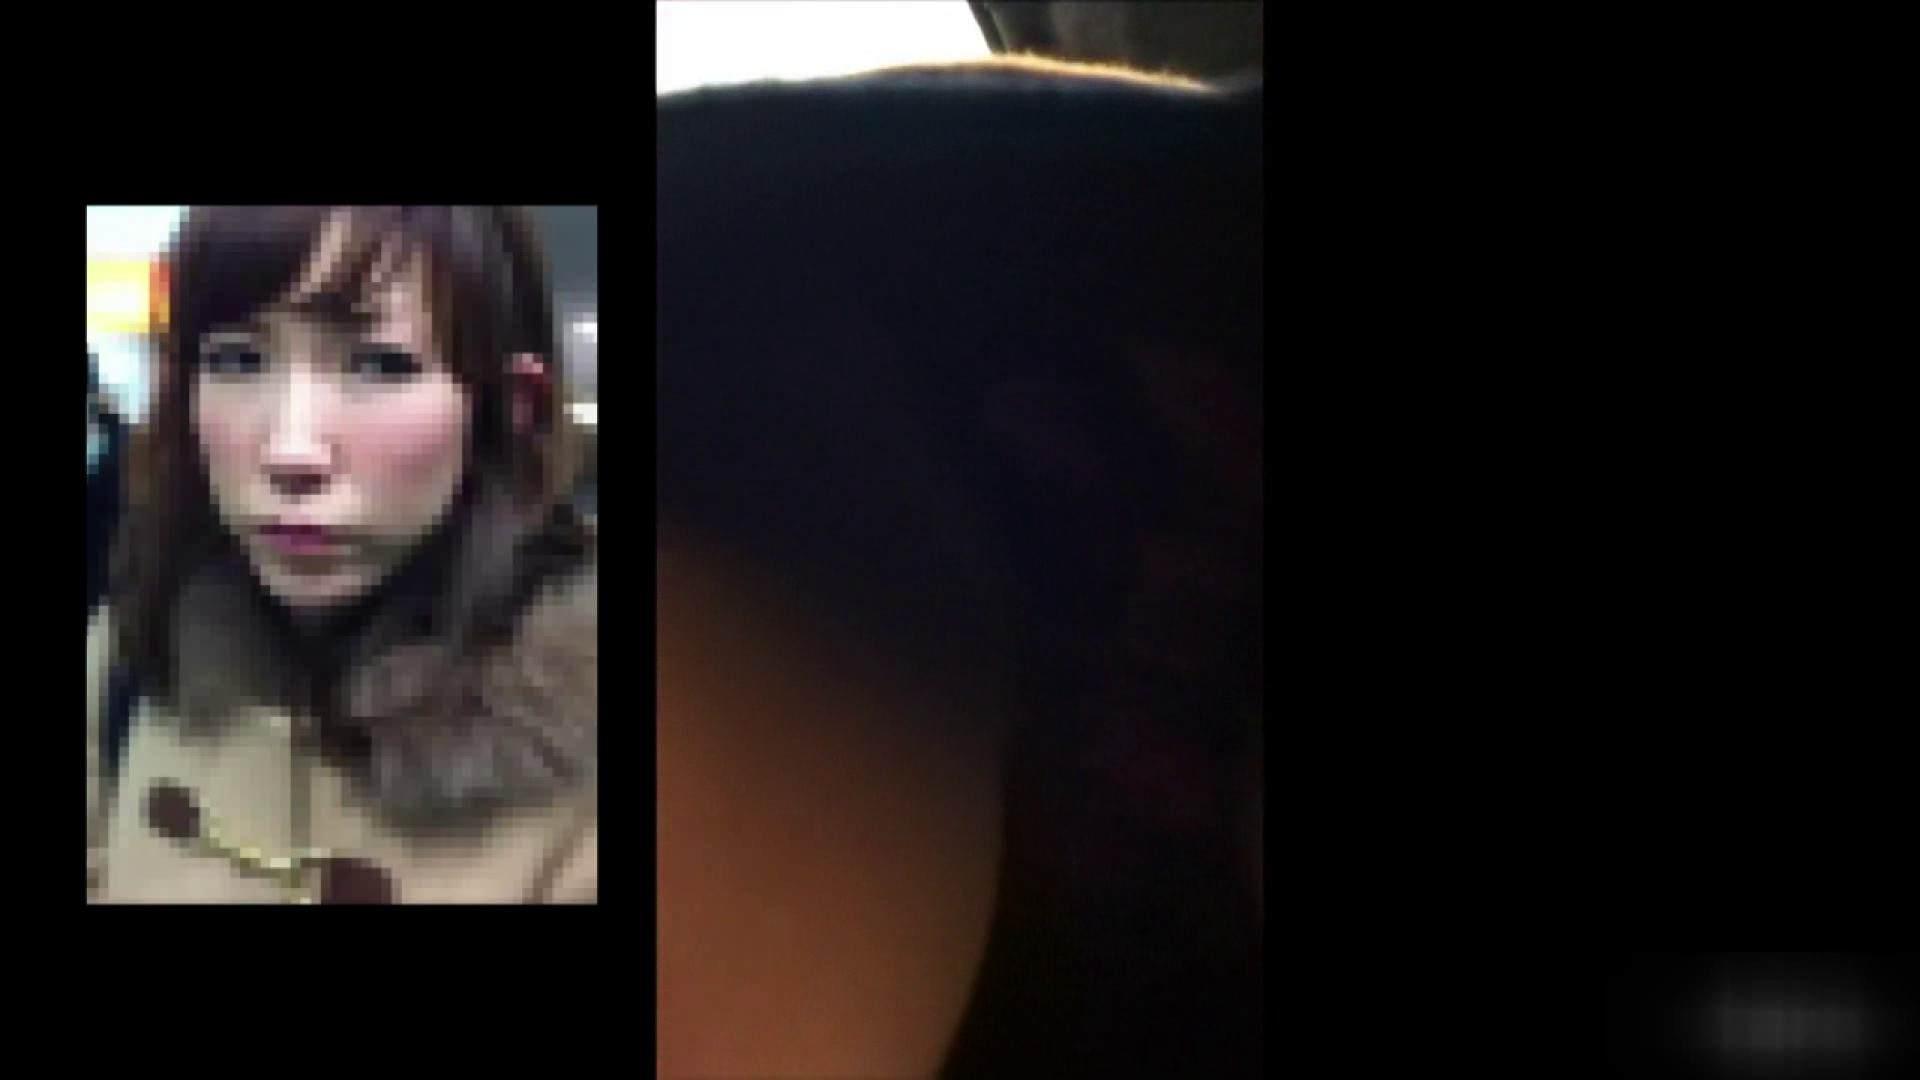 ガールズパンチラストリートビューVol.012 OLの実態 盗撮AV動画キャプチャ 47pic 30